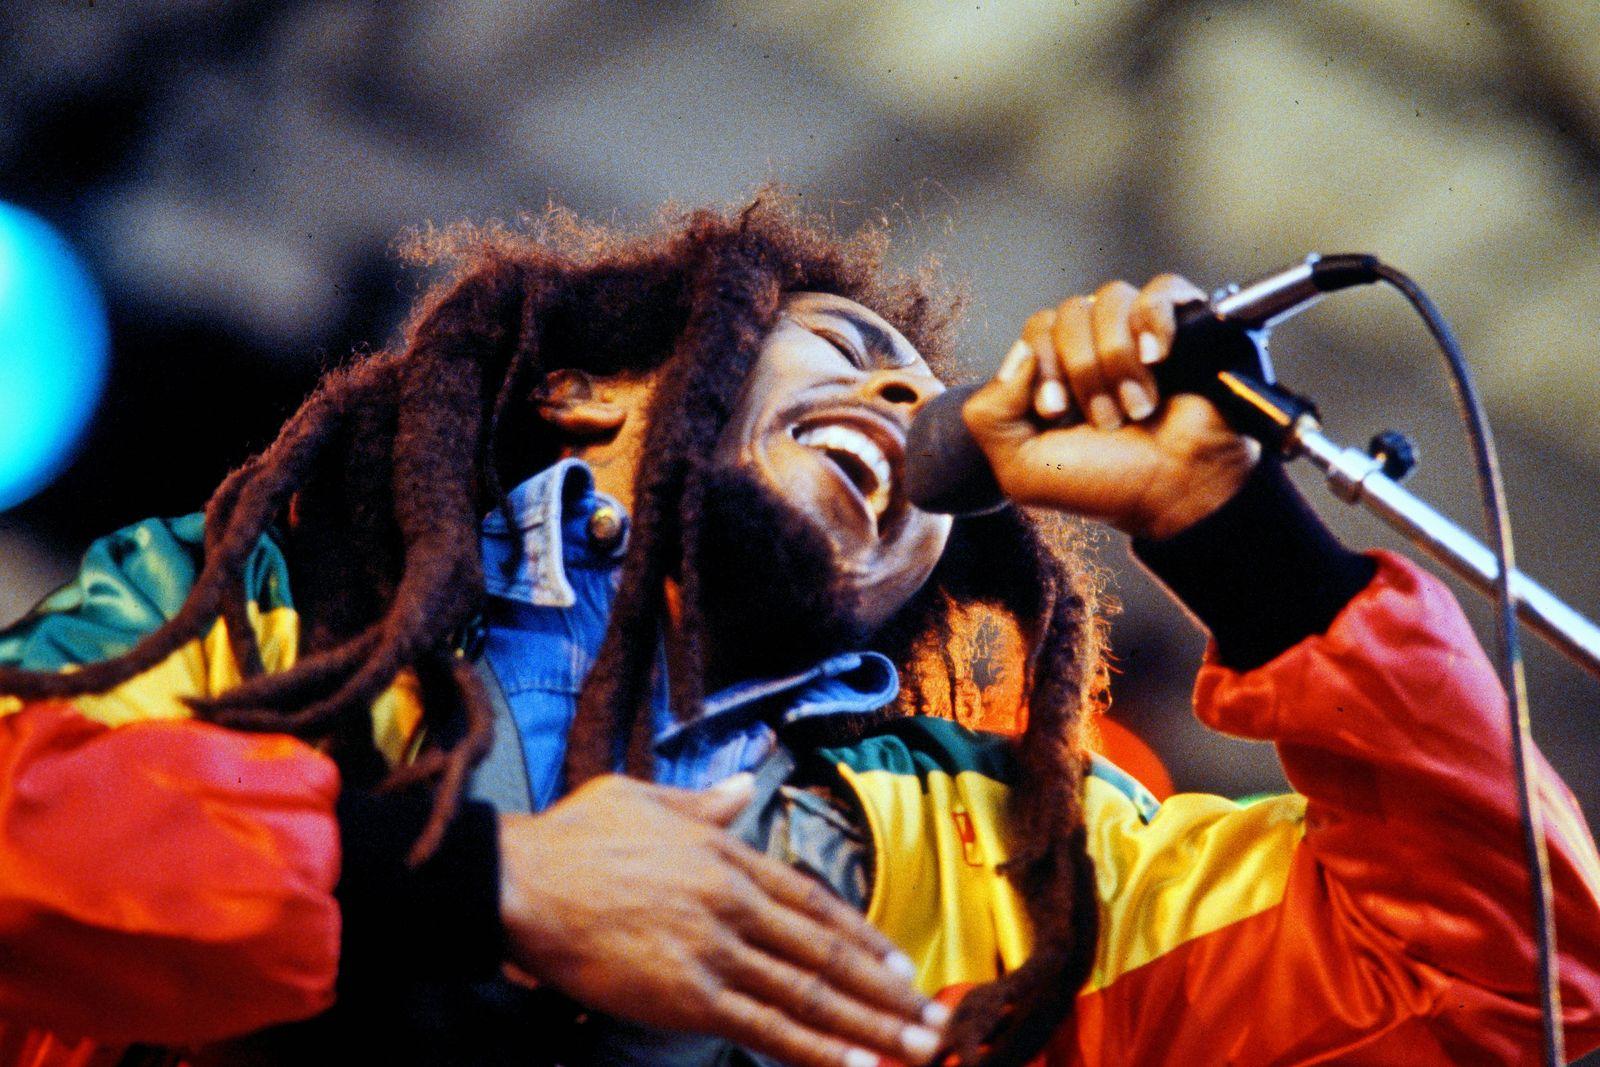 Bob Marley tritt im Münchner Reitstadion auf und singt seine Reggae Songs Bob Marley tritt im Münchner Reitstadion auf